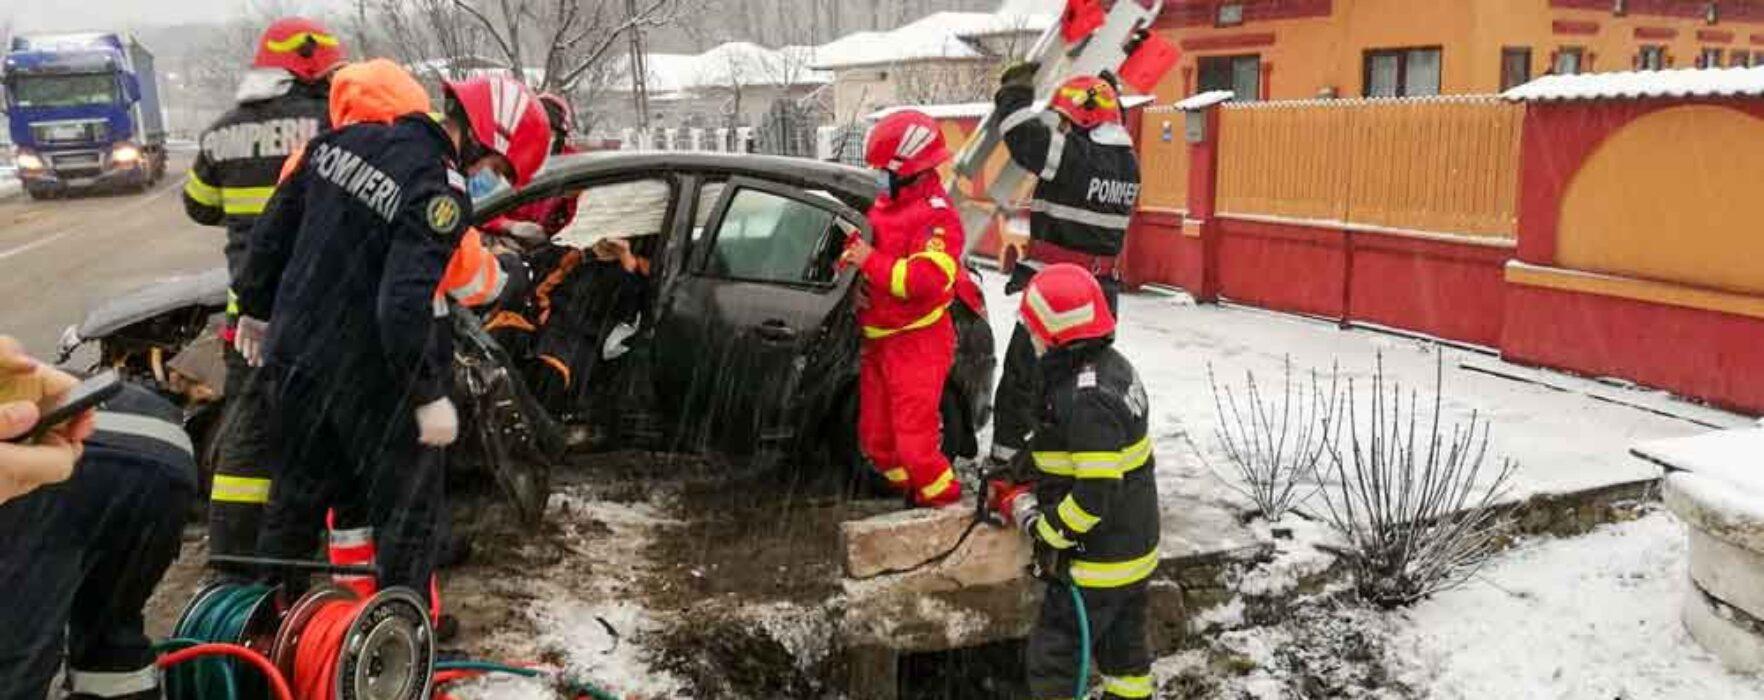 Dâmboviţa: Accident pe DN 72, maşină ieşită de pe carosabil